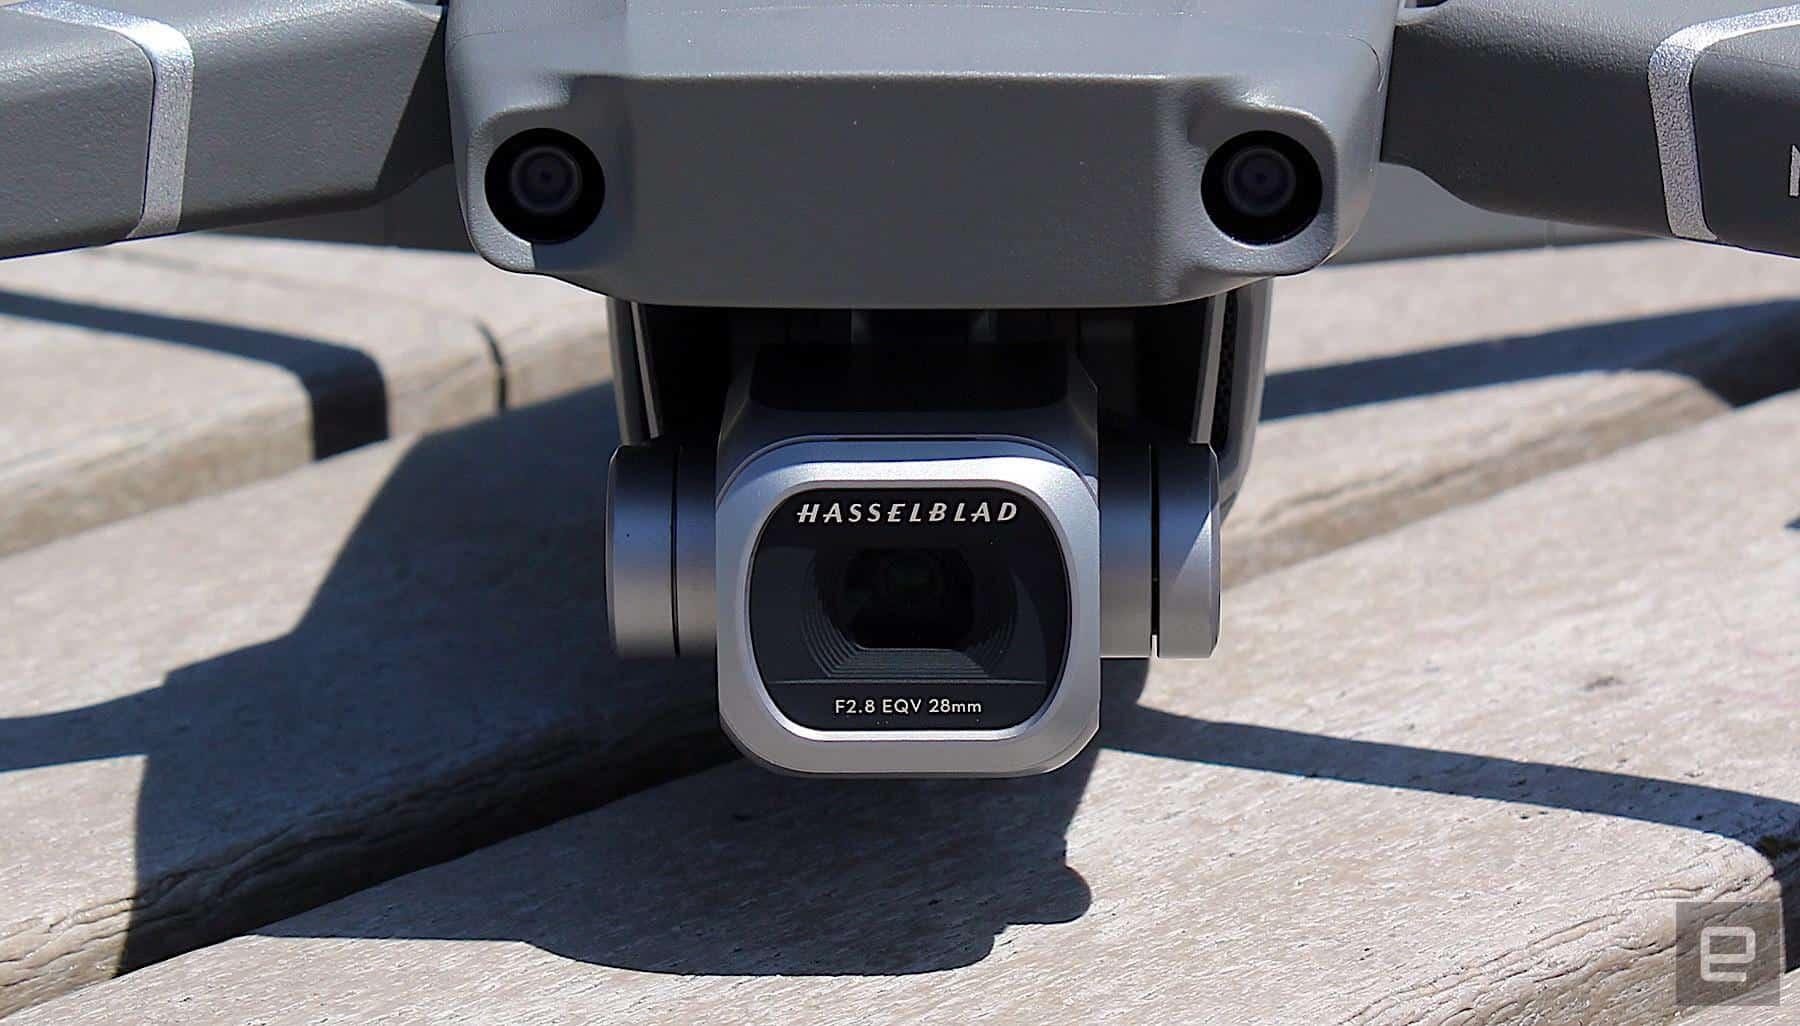 camera mavic 2 pro